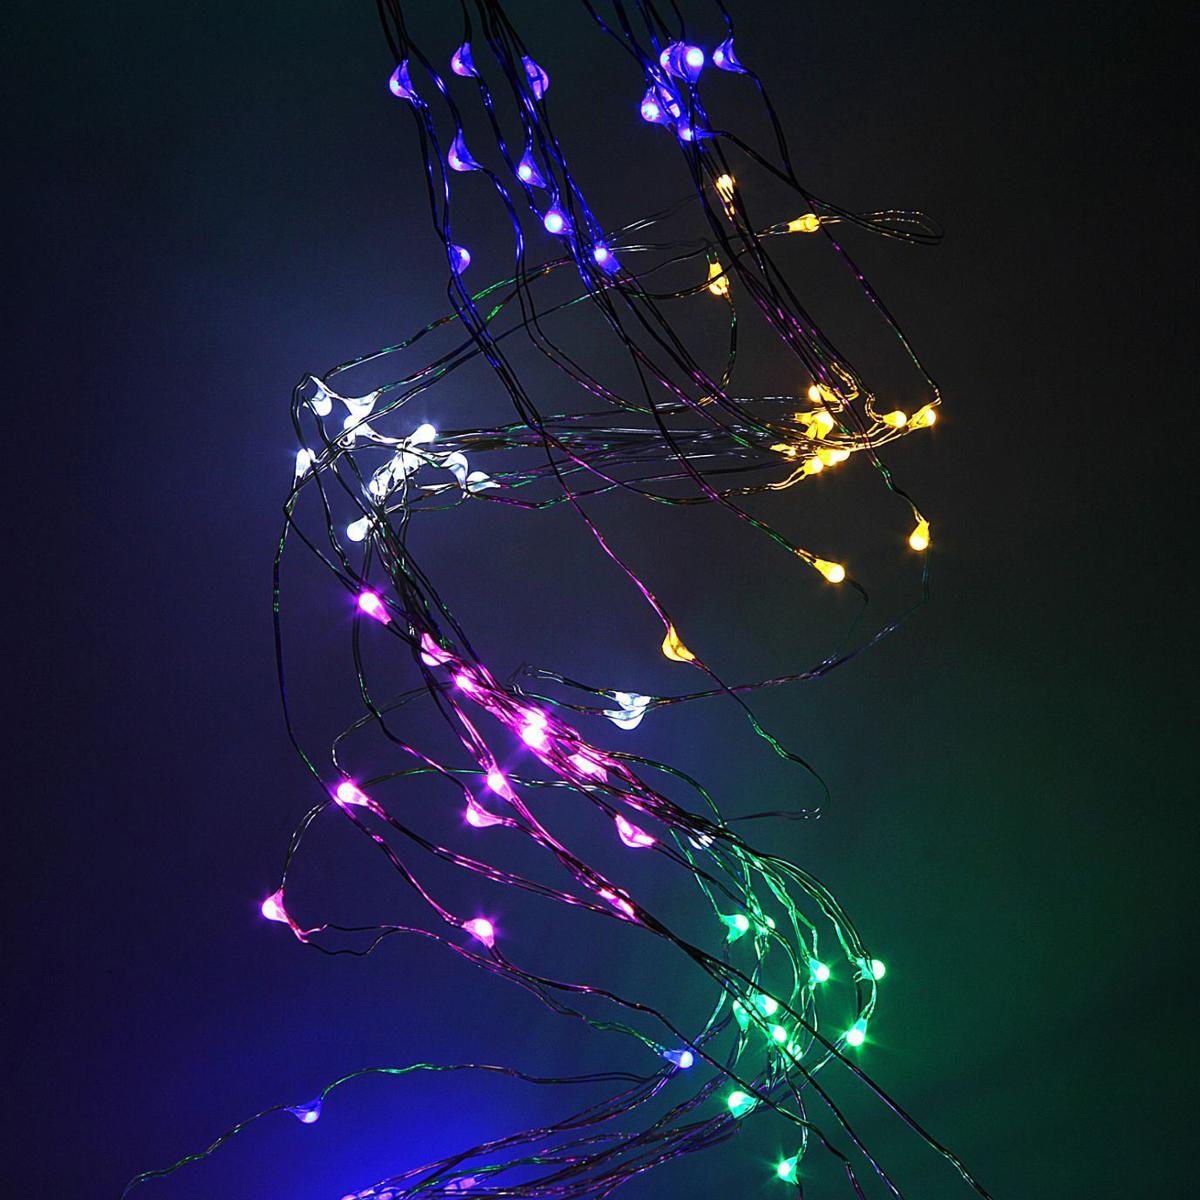 Гирлянда светодиодная Luazon Конский хвост, цвет: мультиколор, 120 ламп, 8 режимов, 12 V, 10 нитей, длина 1 м. 1080601 гирлянда luazon дождь 2m 6m multicolor 671678